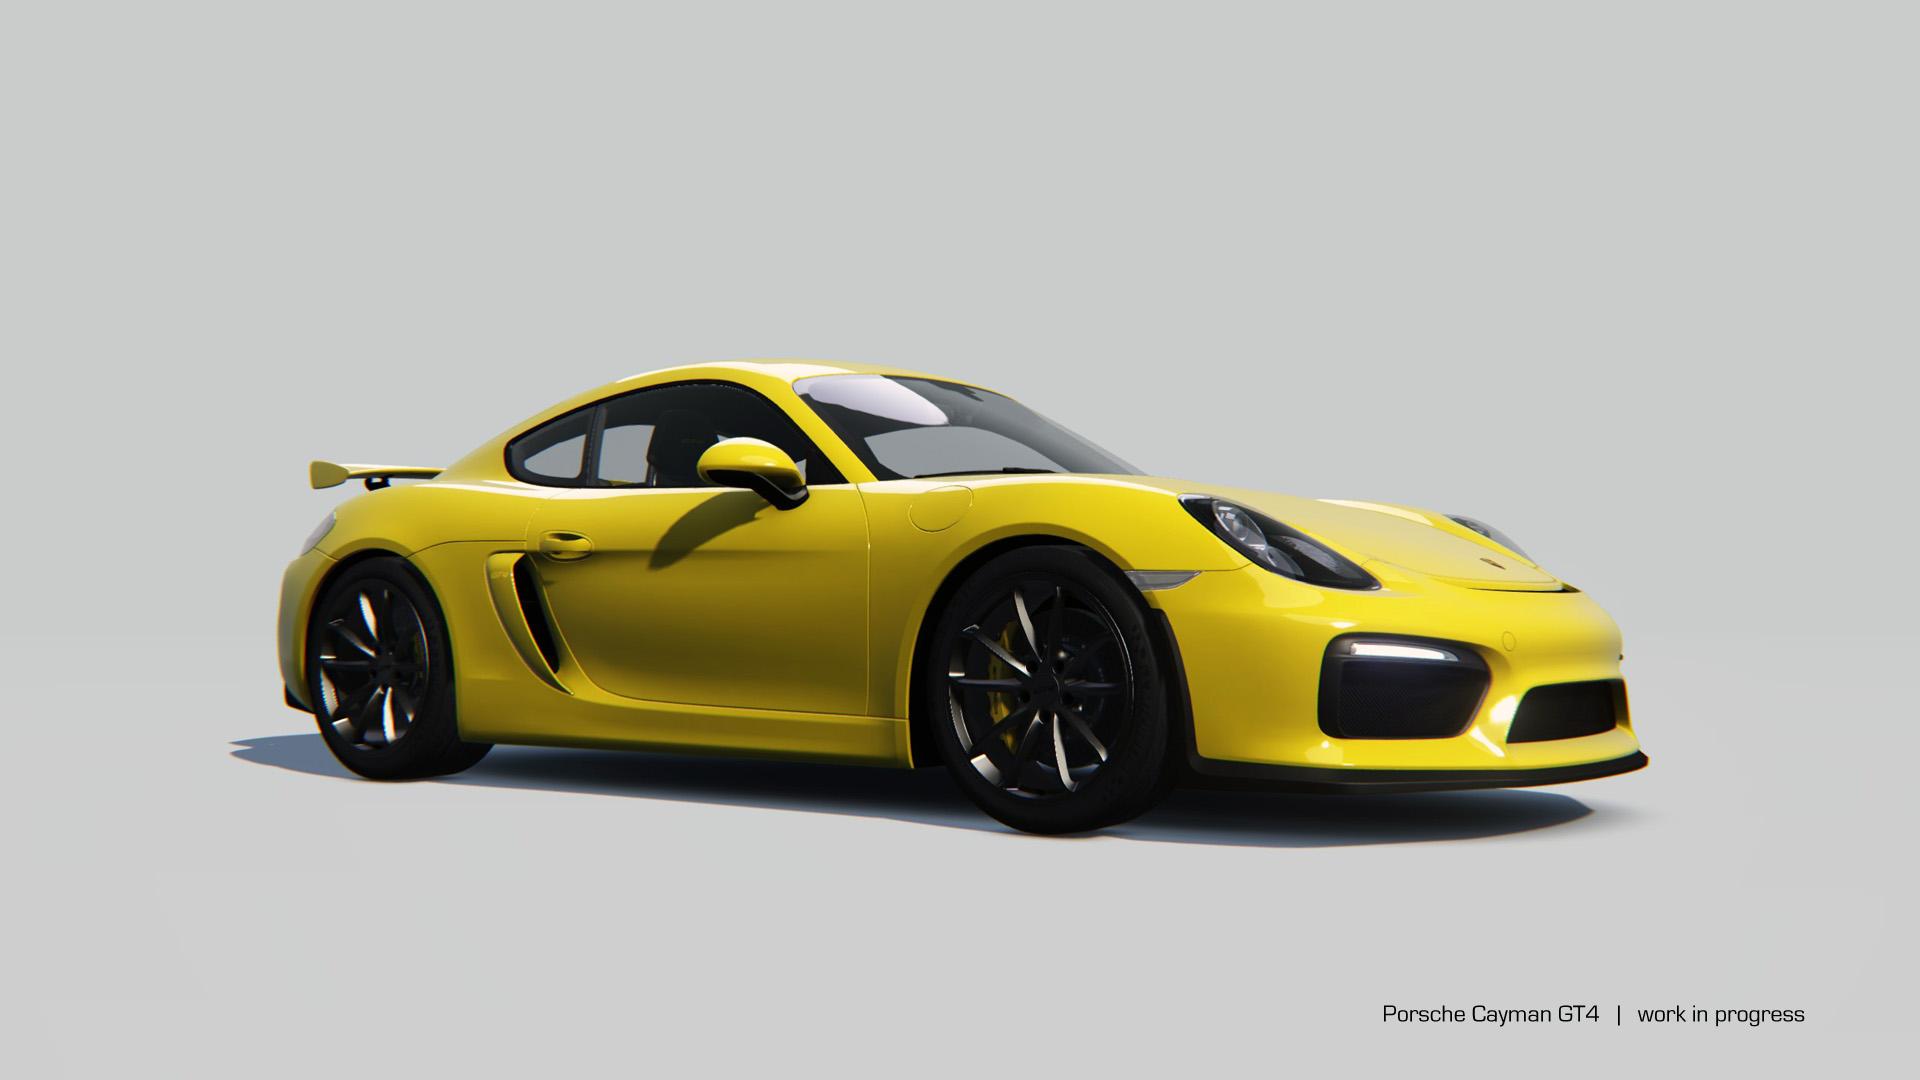 Tři DLC přidají vozy Porsche do Assetto Corsa 132683